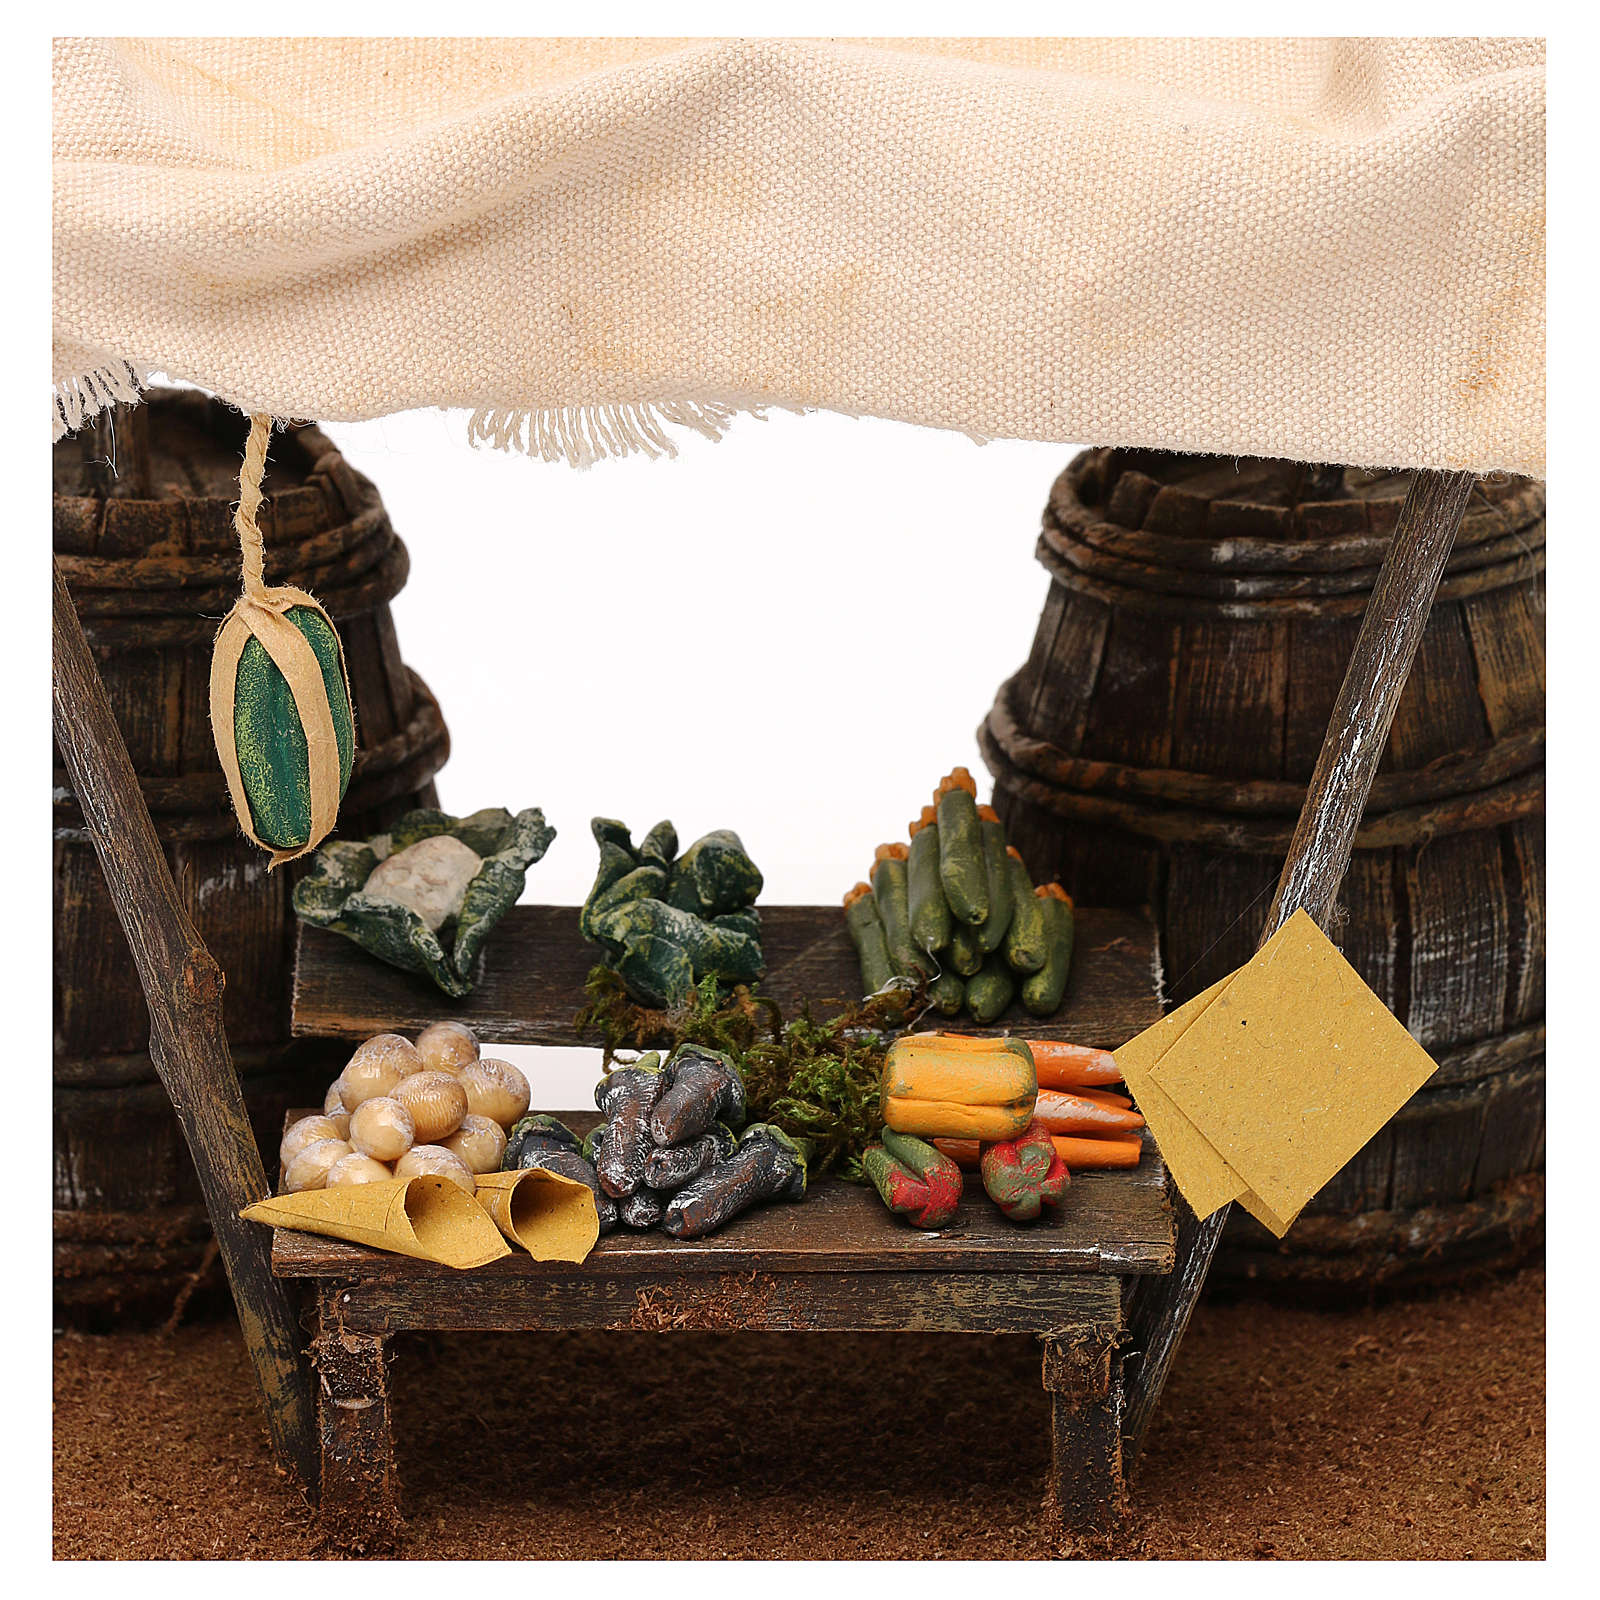 Banchetto fruttivendolo botti e tenda presepi 12 cm 20x20x15 cm 4